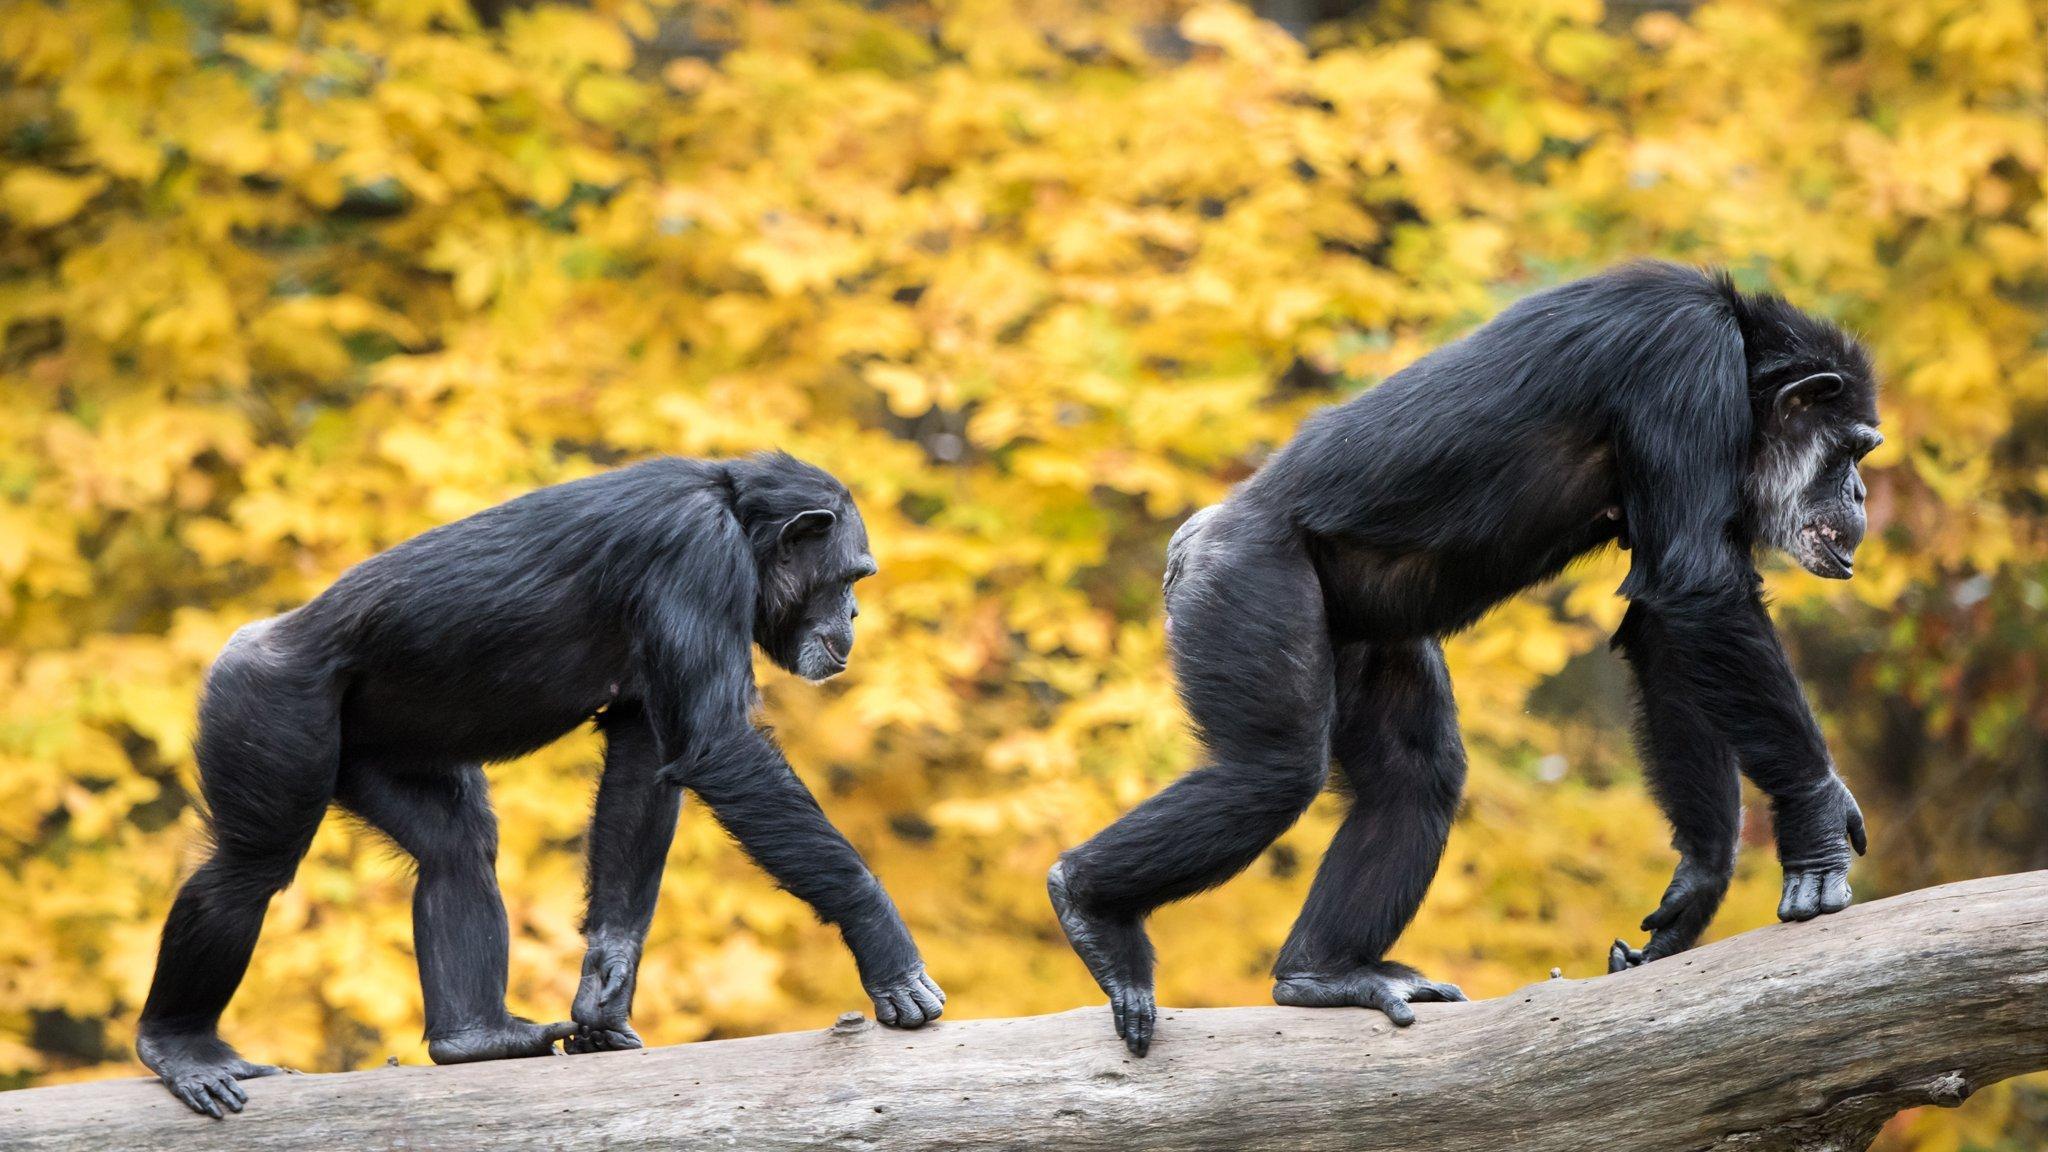 Das Foto zeigt zwei männliche Schimpansen, die vor gelbem Hintergrund auf einem dicken grauen Baumstamm laufen und dabei ihre Vorderbeine mit abgewinkelten Fingern – dem sogenannten Knöchelgang – aufsetzen. Schimpansen können nur kurze Strecken auf zwei Beinen zurücklegen. Einige der gemeinsamen Vorfahren von Schimpansen und Menschen aber entwickelten den aufrechten Gang – und wurden zu Urahnen des Homo sapiens.